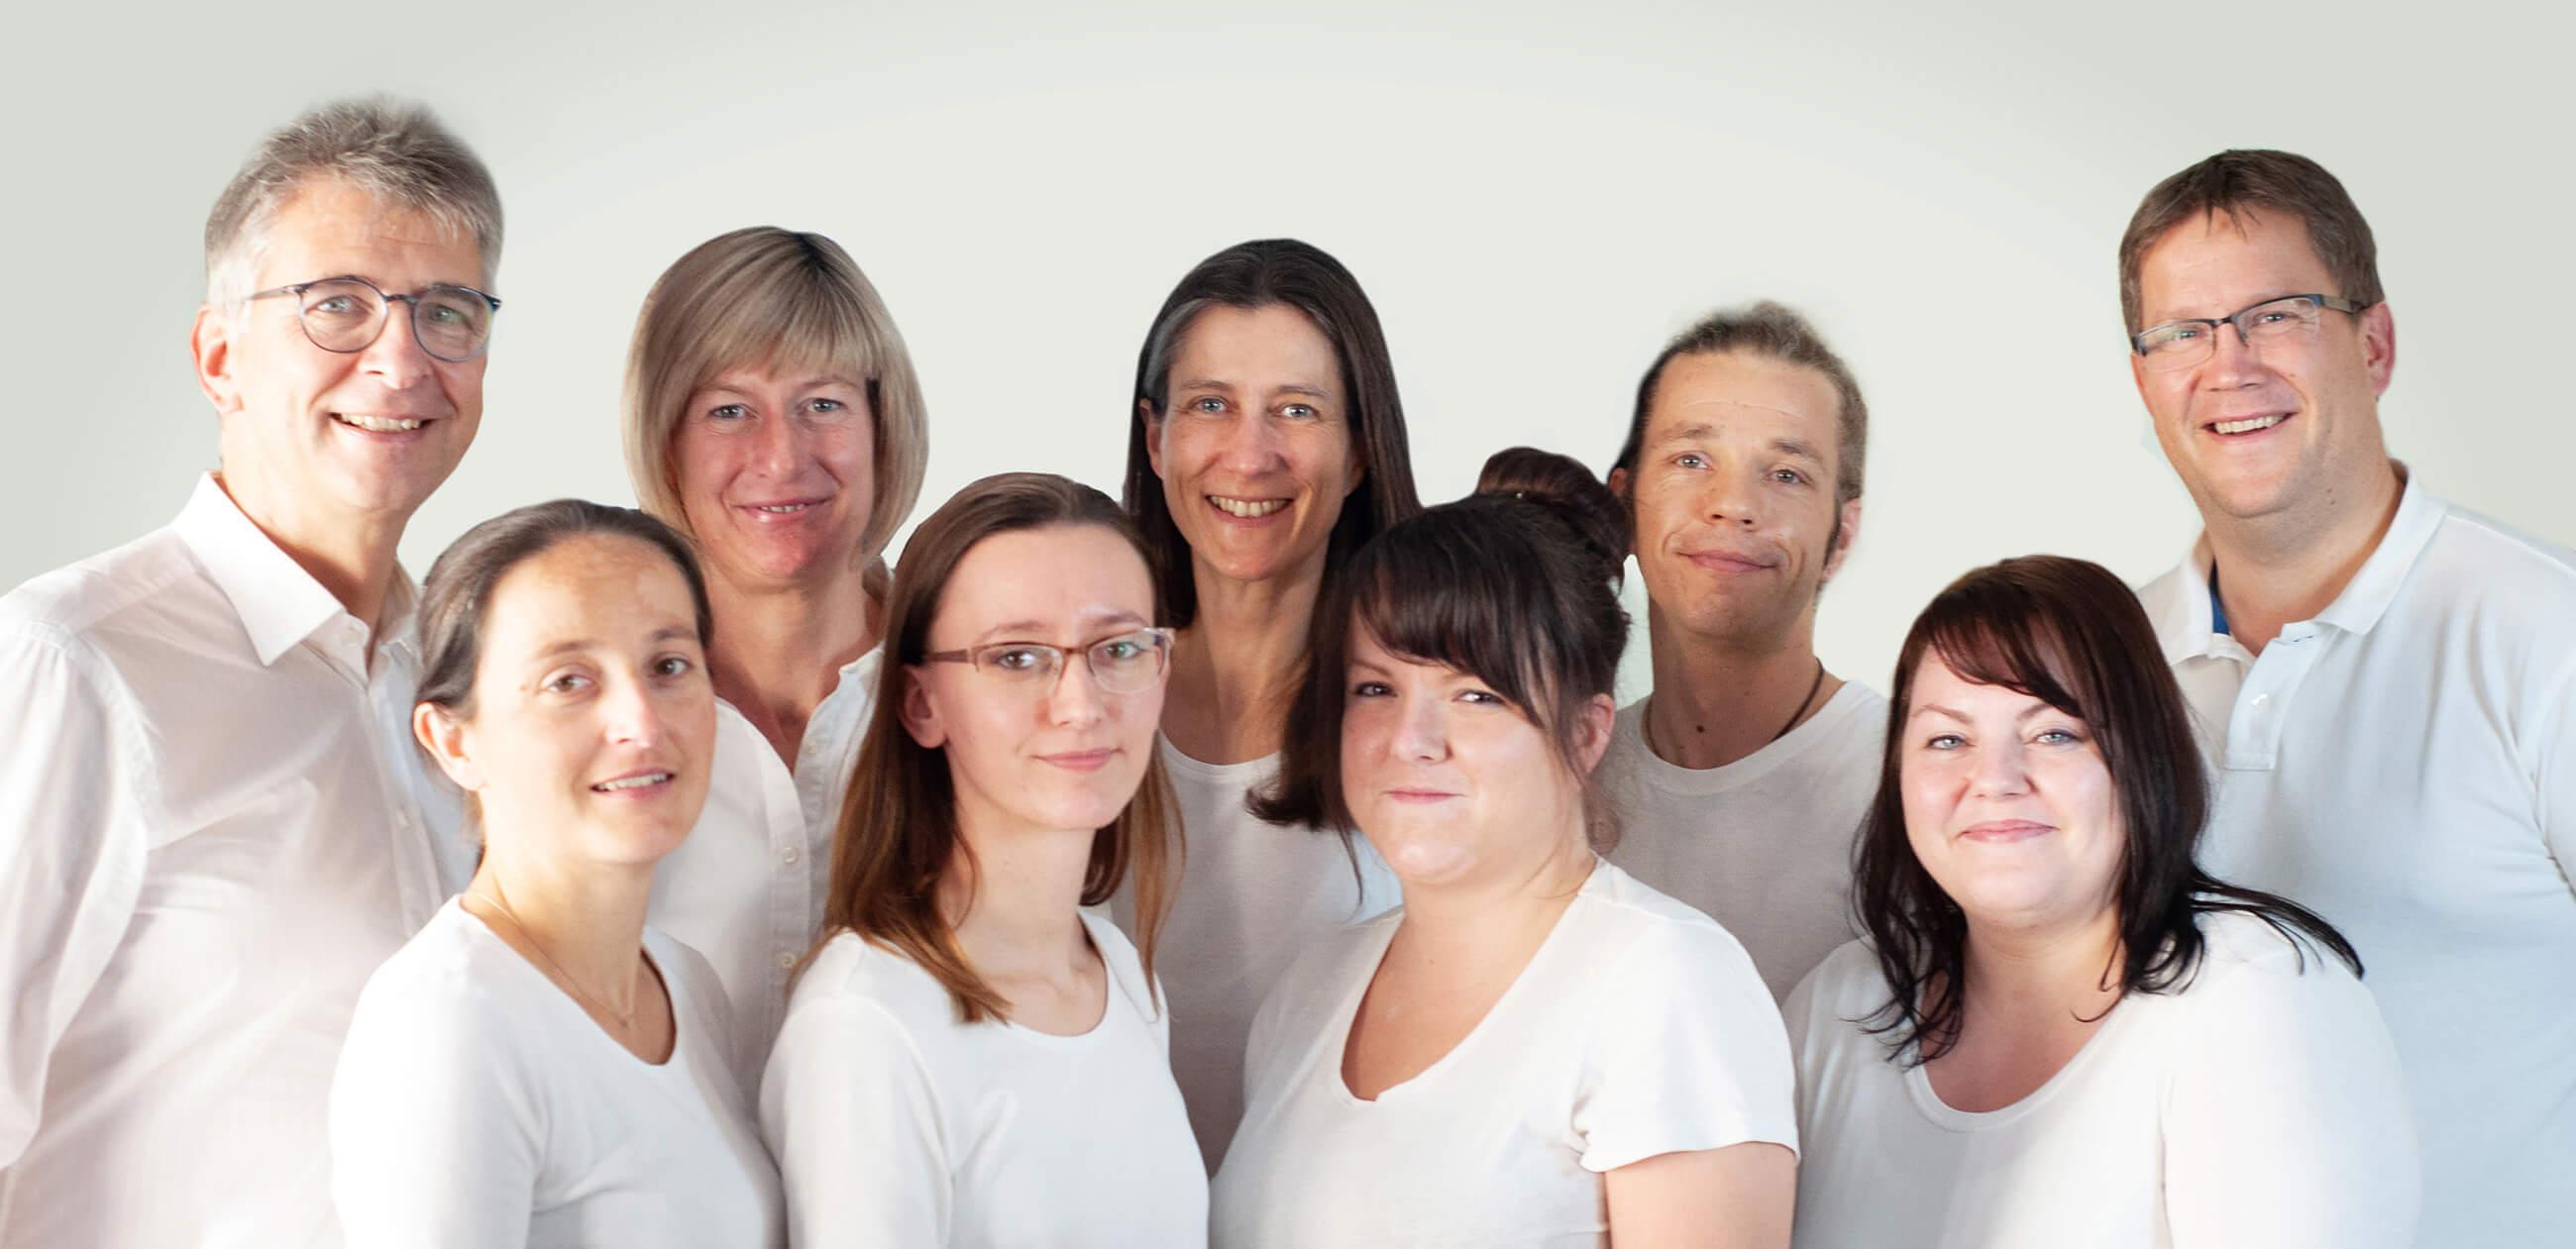 Ärzte und Assistenten in der Rostocker Facharztpraxis für Kardiologie